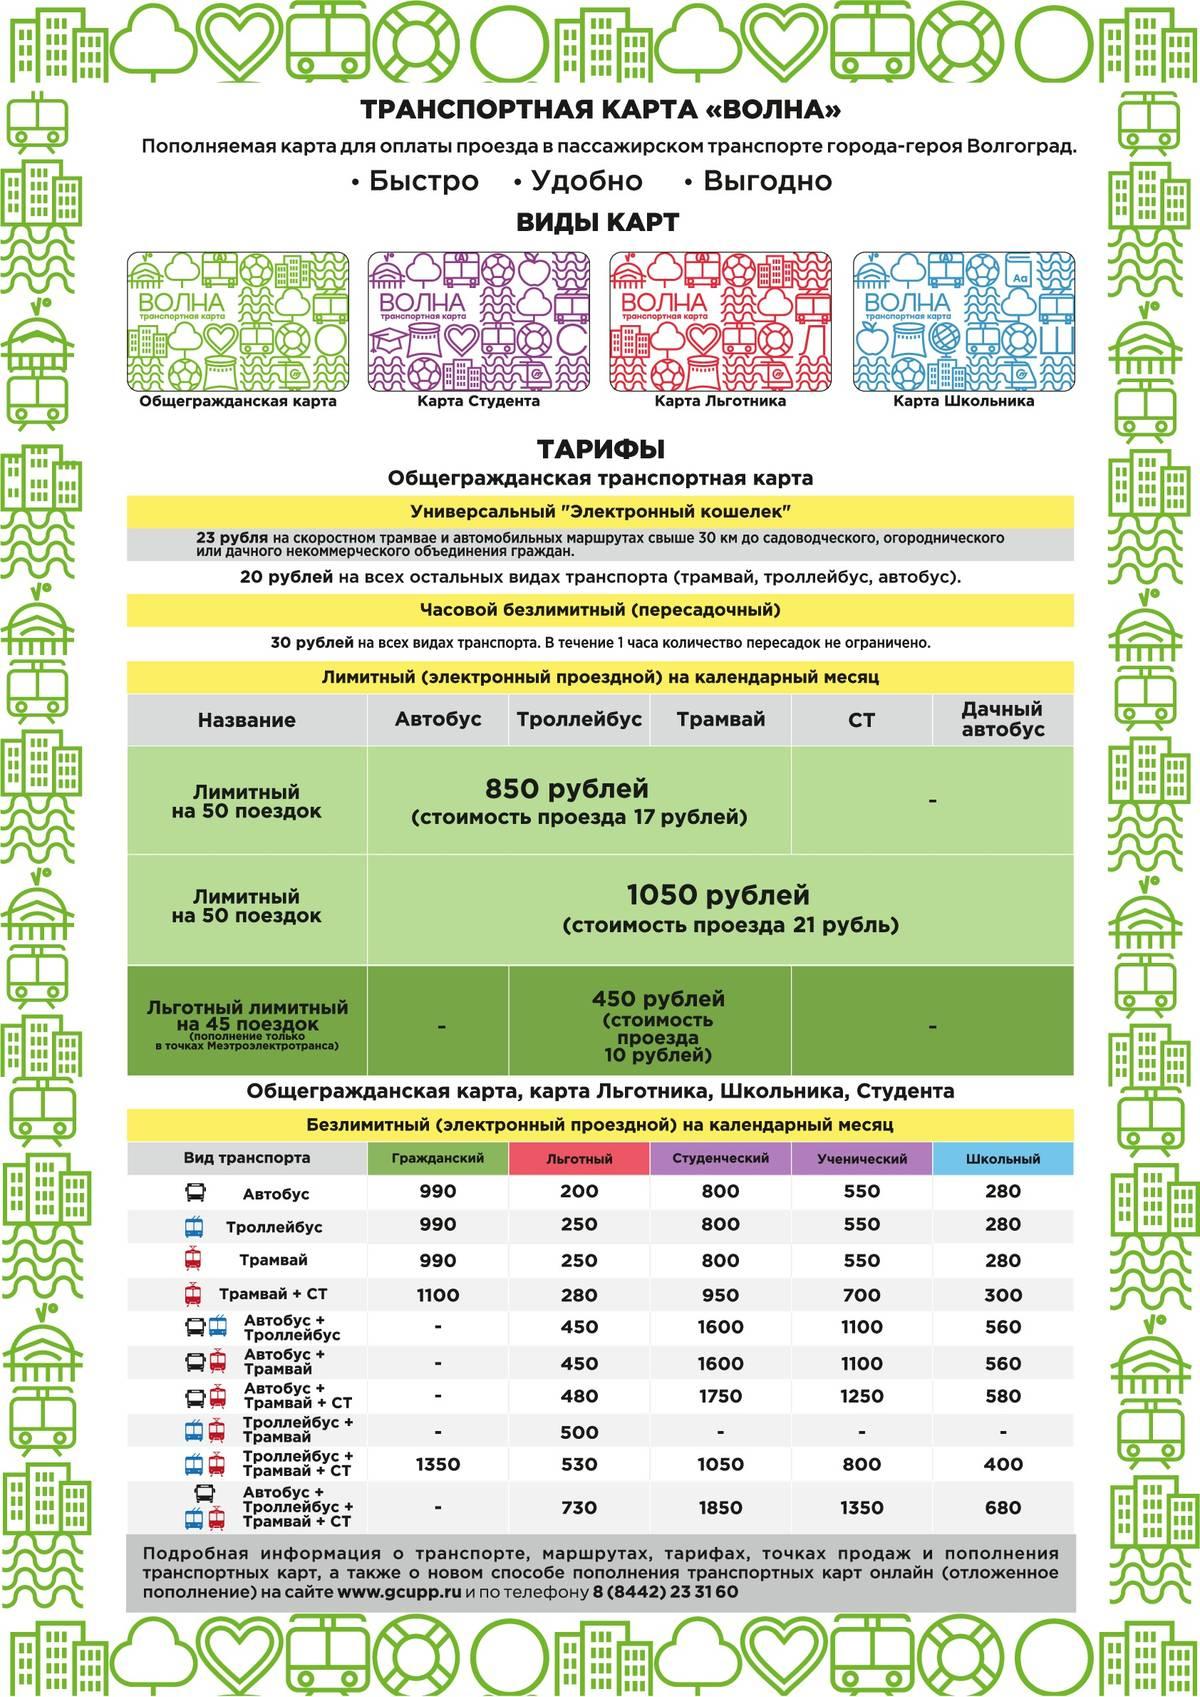 Разобраться с тарифами транспортной карты «Волна» тяжело даже с этой схемой. Источник: vlg-tk.ru